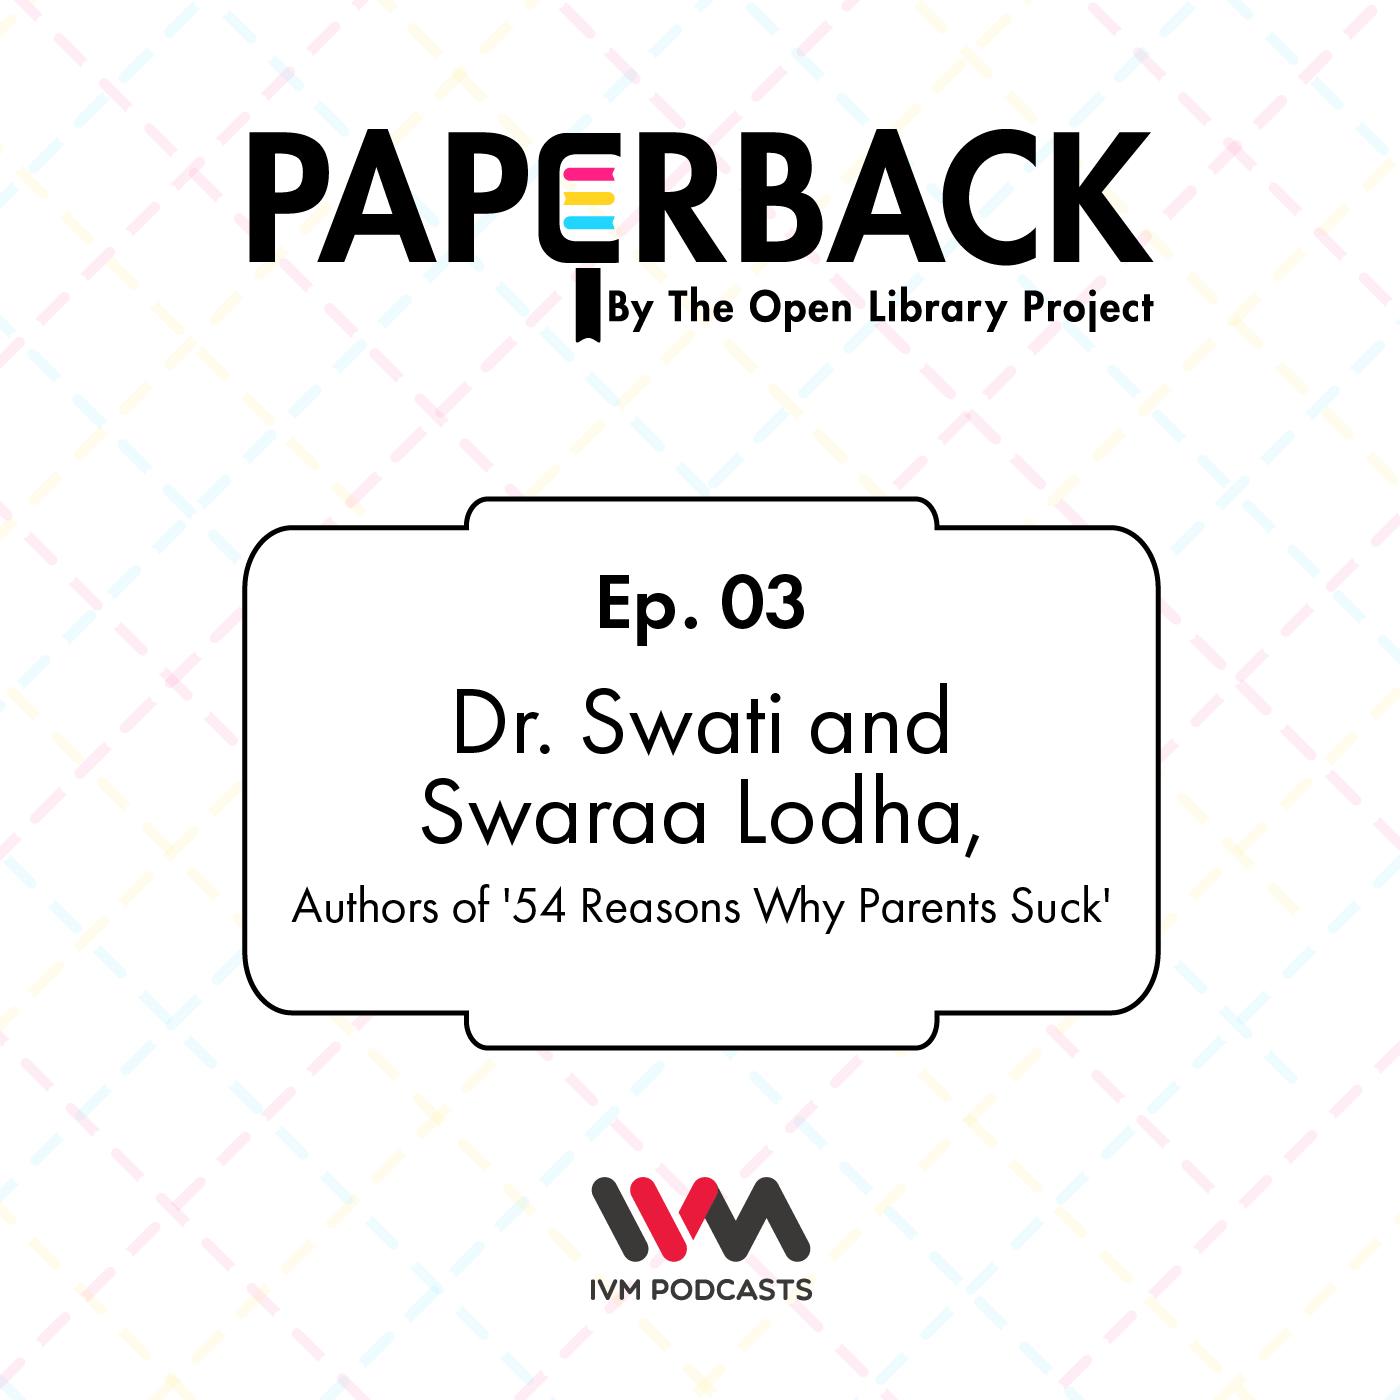 Ep. 03: Dr. Swati & Swaraa Lodha